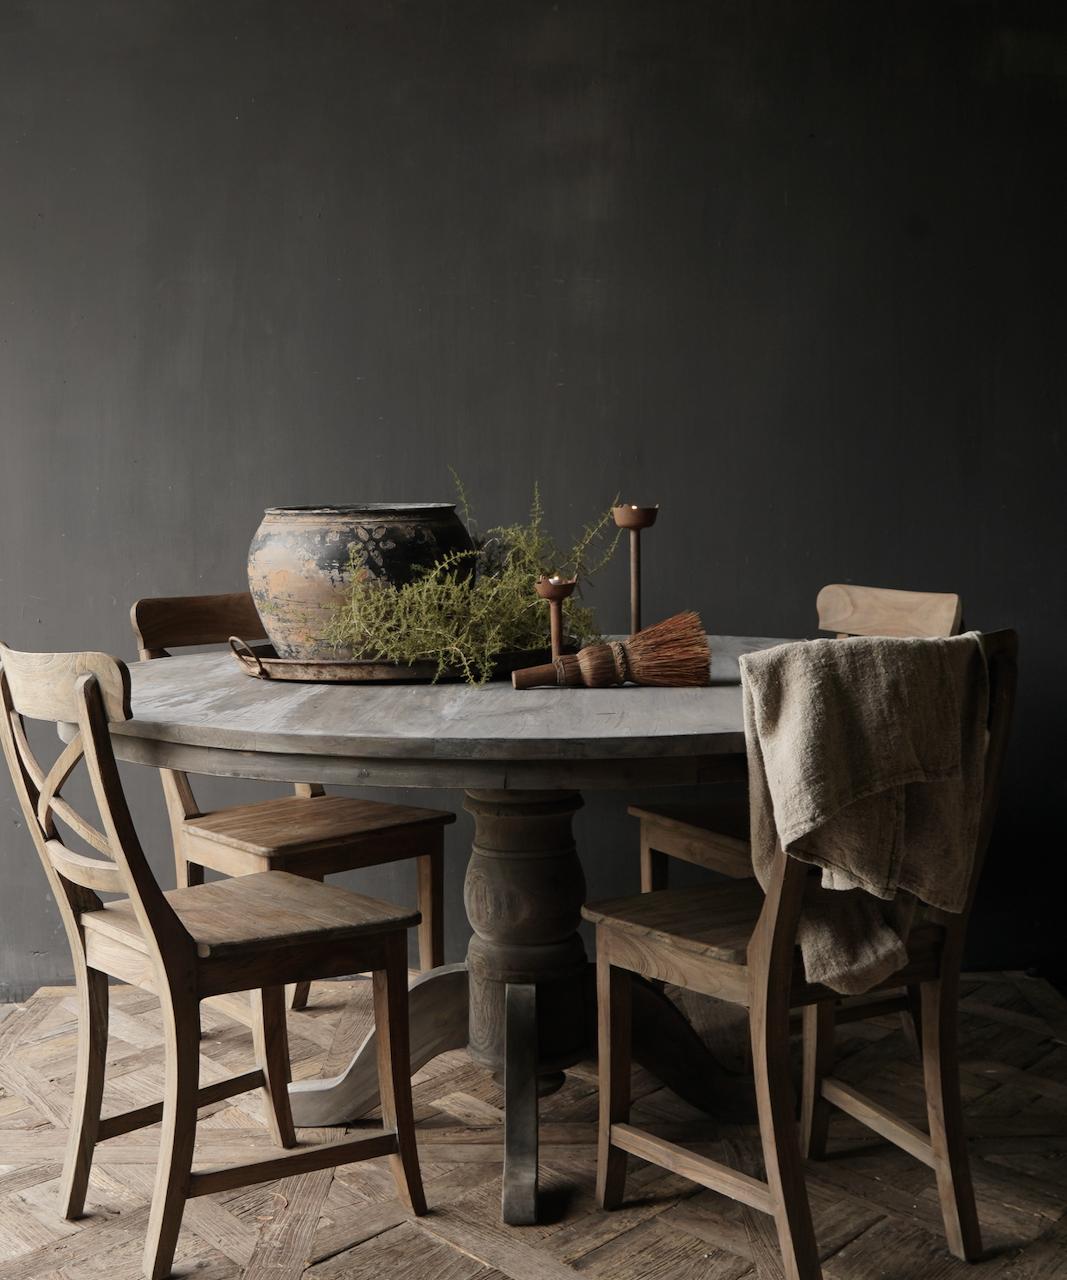 Stoer Robuust ronde tafel gemaakt van oud gebruikt hout-1